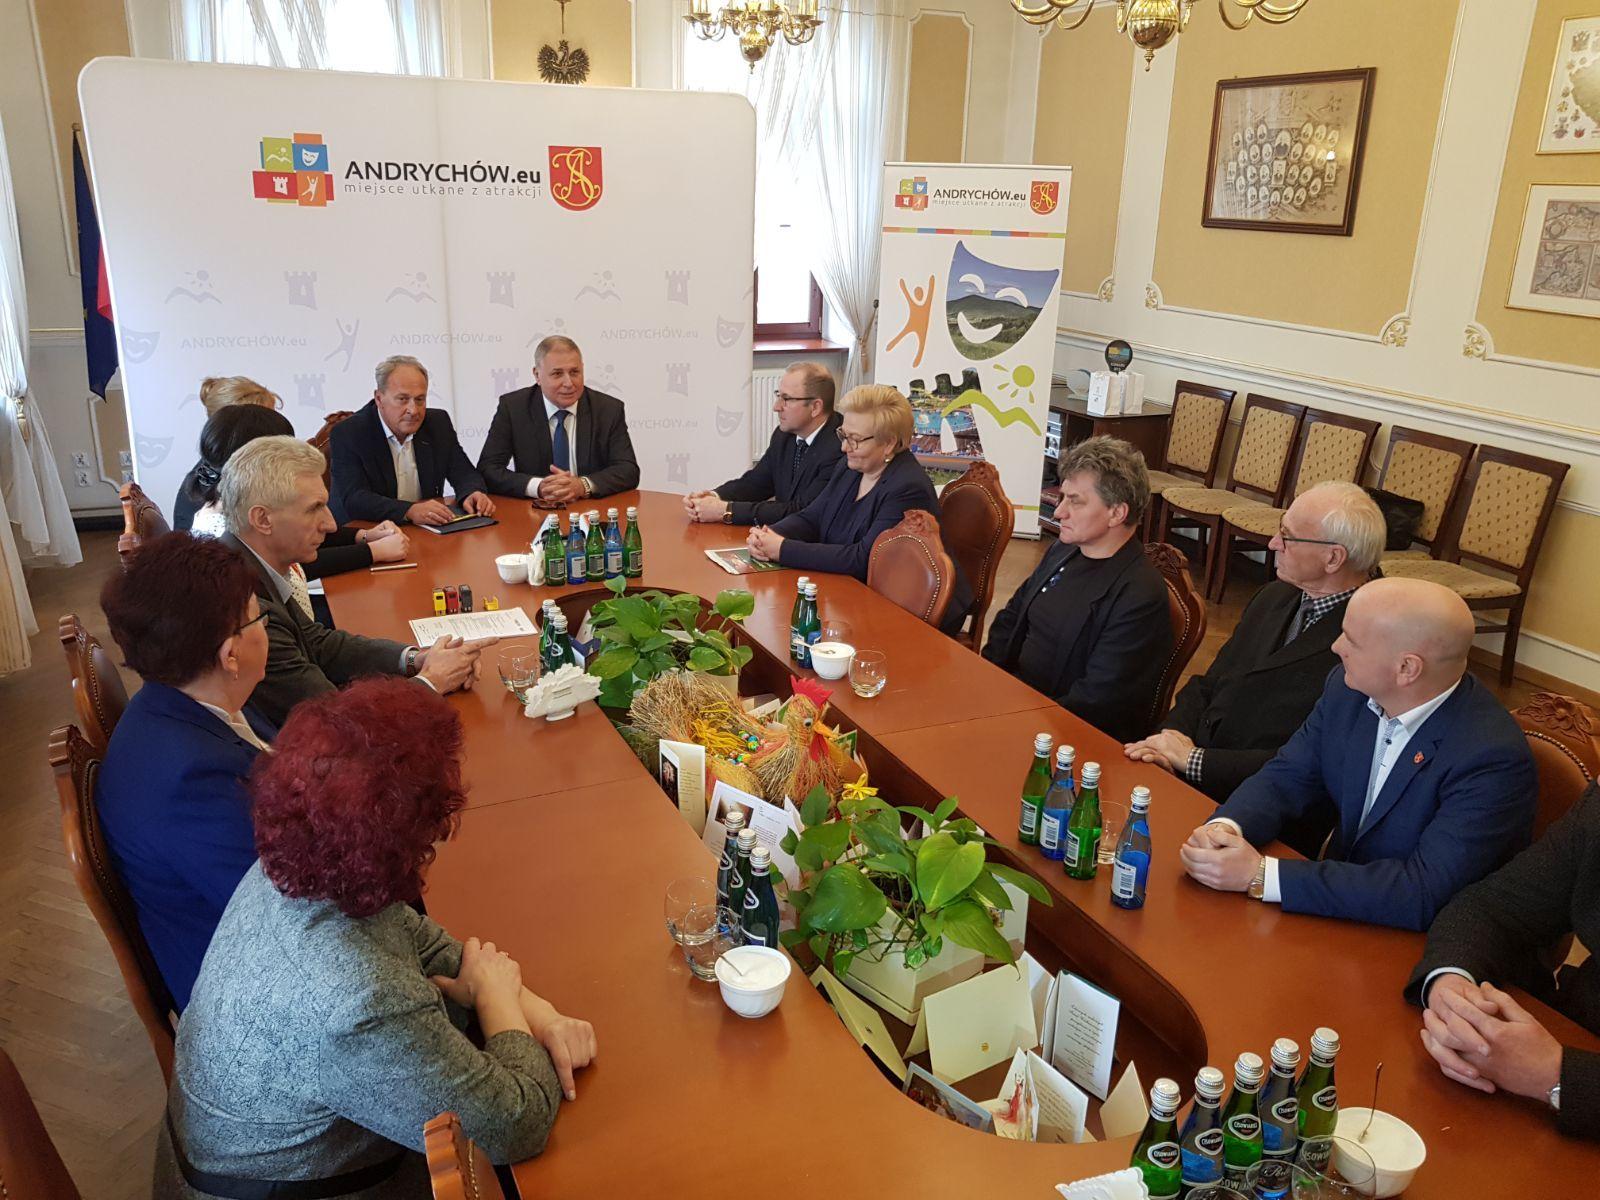 Umowa na budowę krytego basenu w Andrychowie podpisana [FOTO]